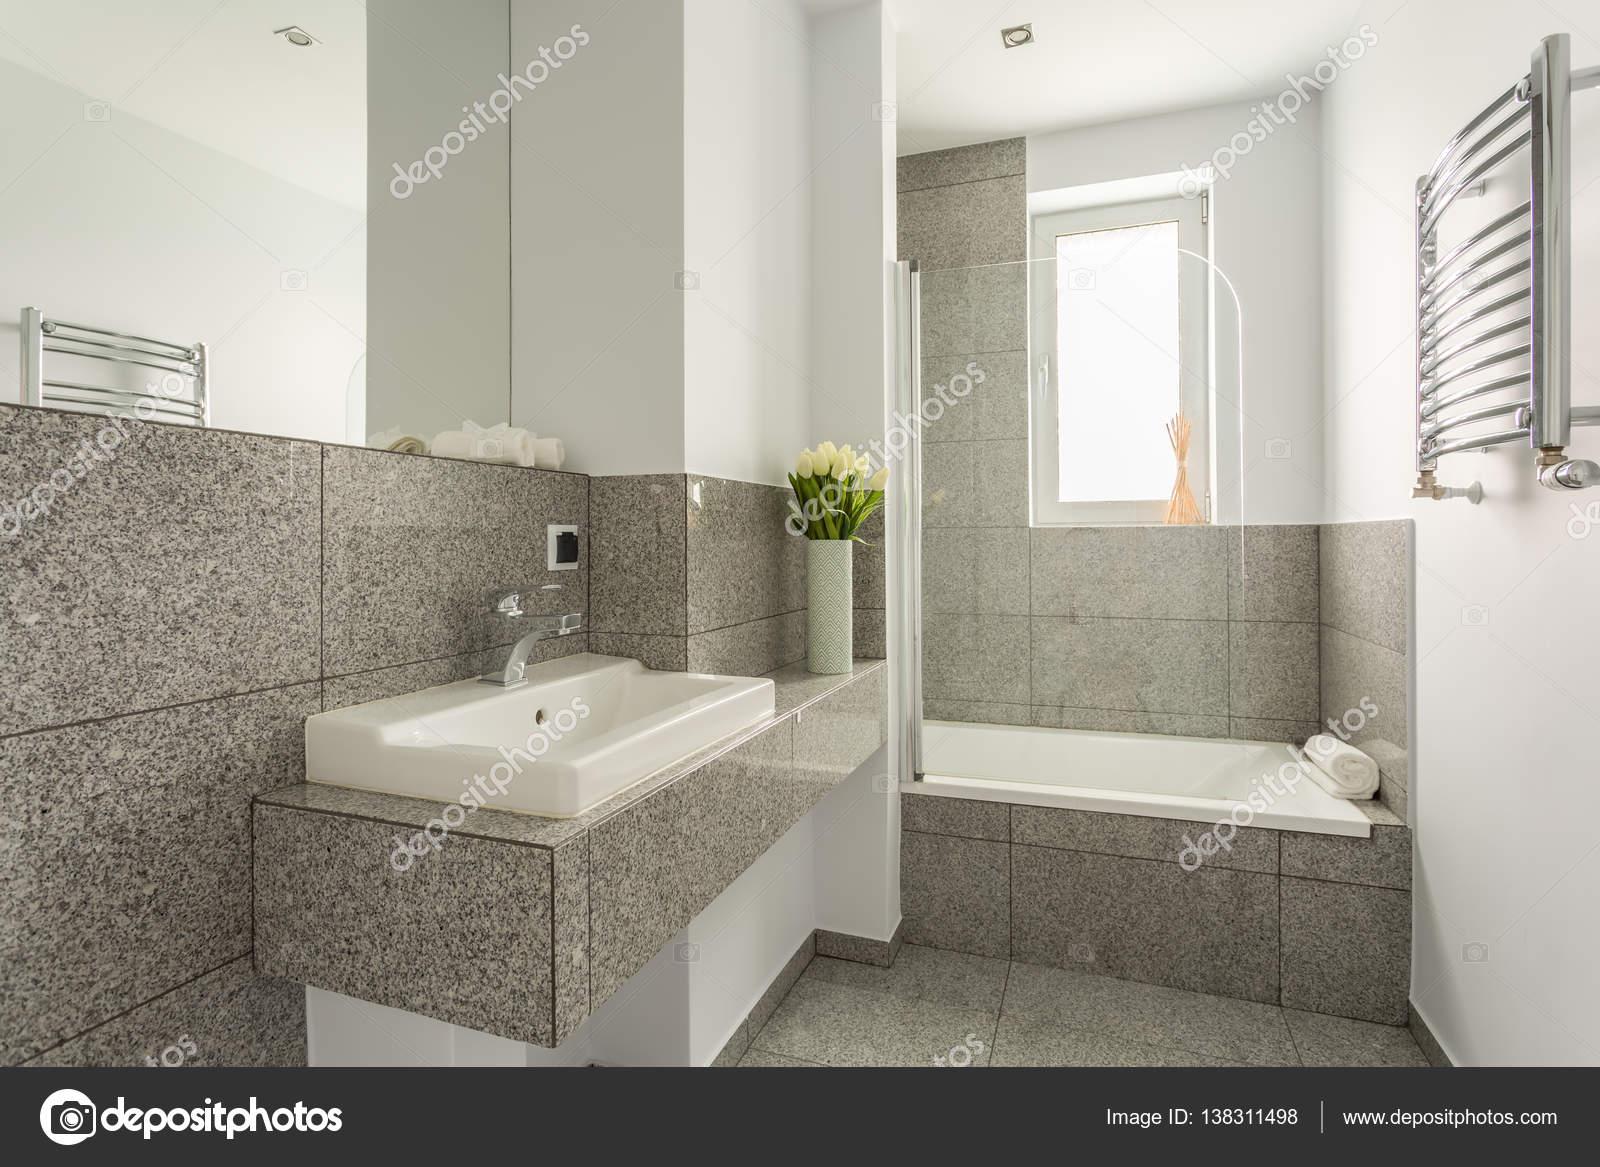 Granit Modernes Badezimmer Interieur Mit Minimalistischen Waschbecken Und  Badewanne U2014 Foto Von Photographee.eu